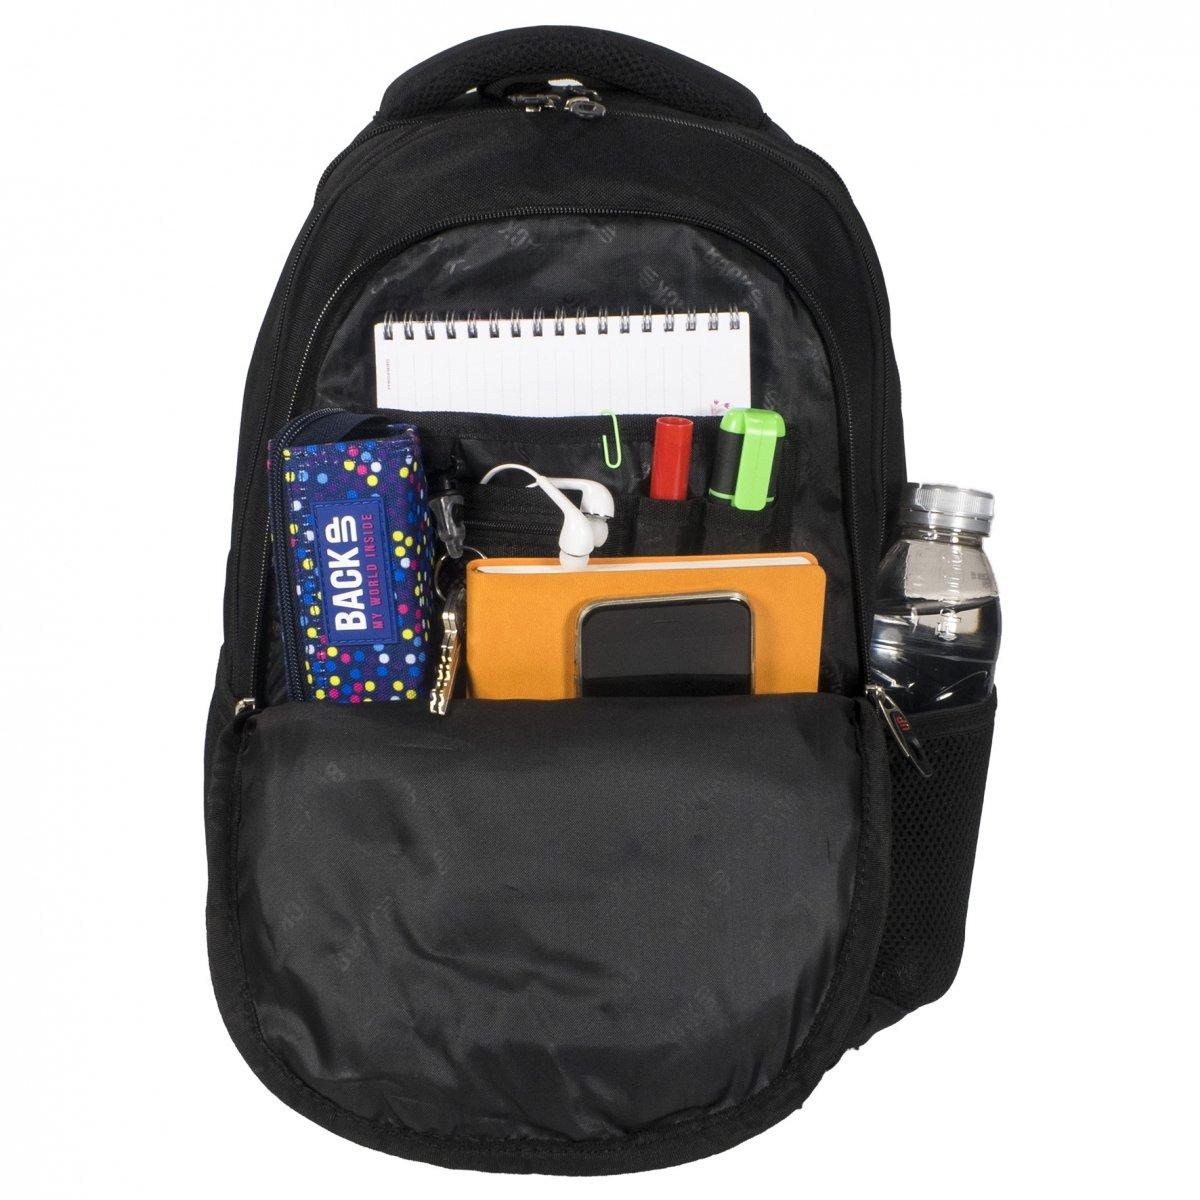 9d6e24e57ffe0 Plecak szkolny młodzieżowy Back UP kolorowe kropki MULTICOLOR DOTS +  słuchawki (PLB1C3)